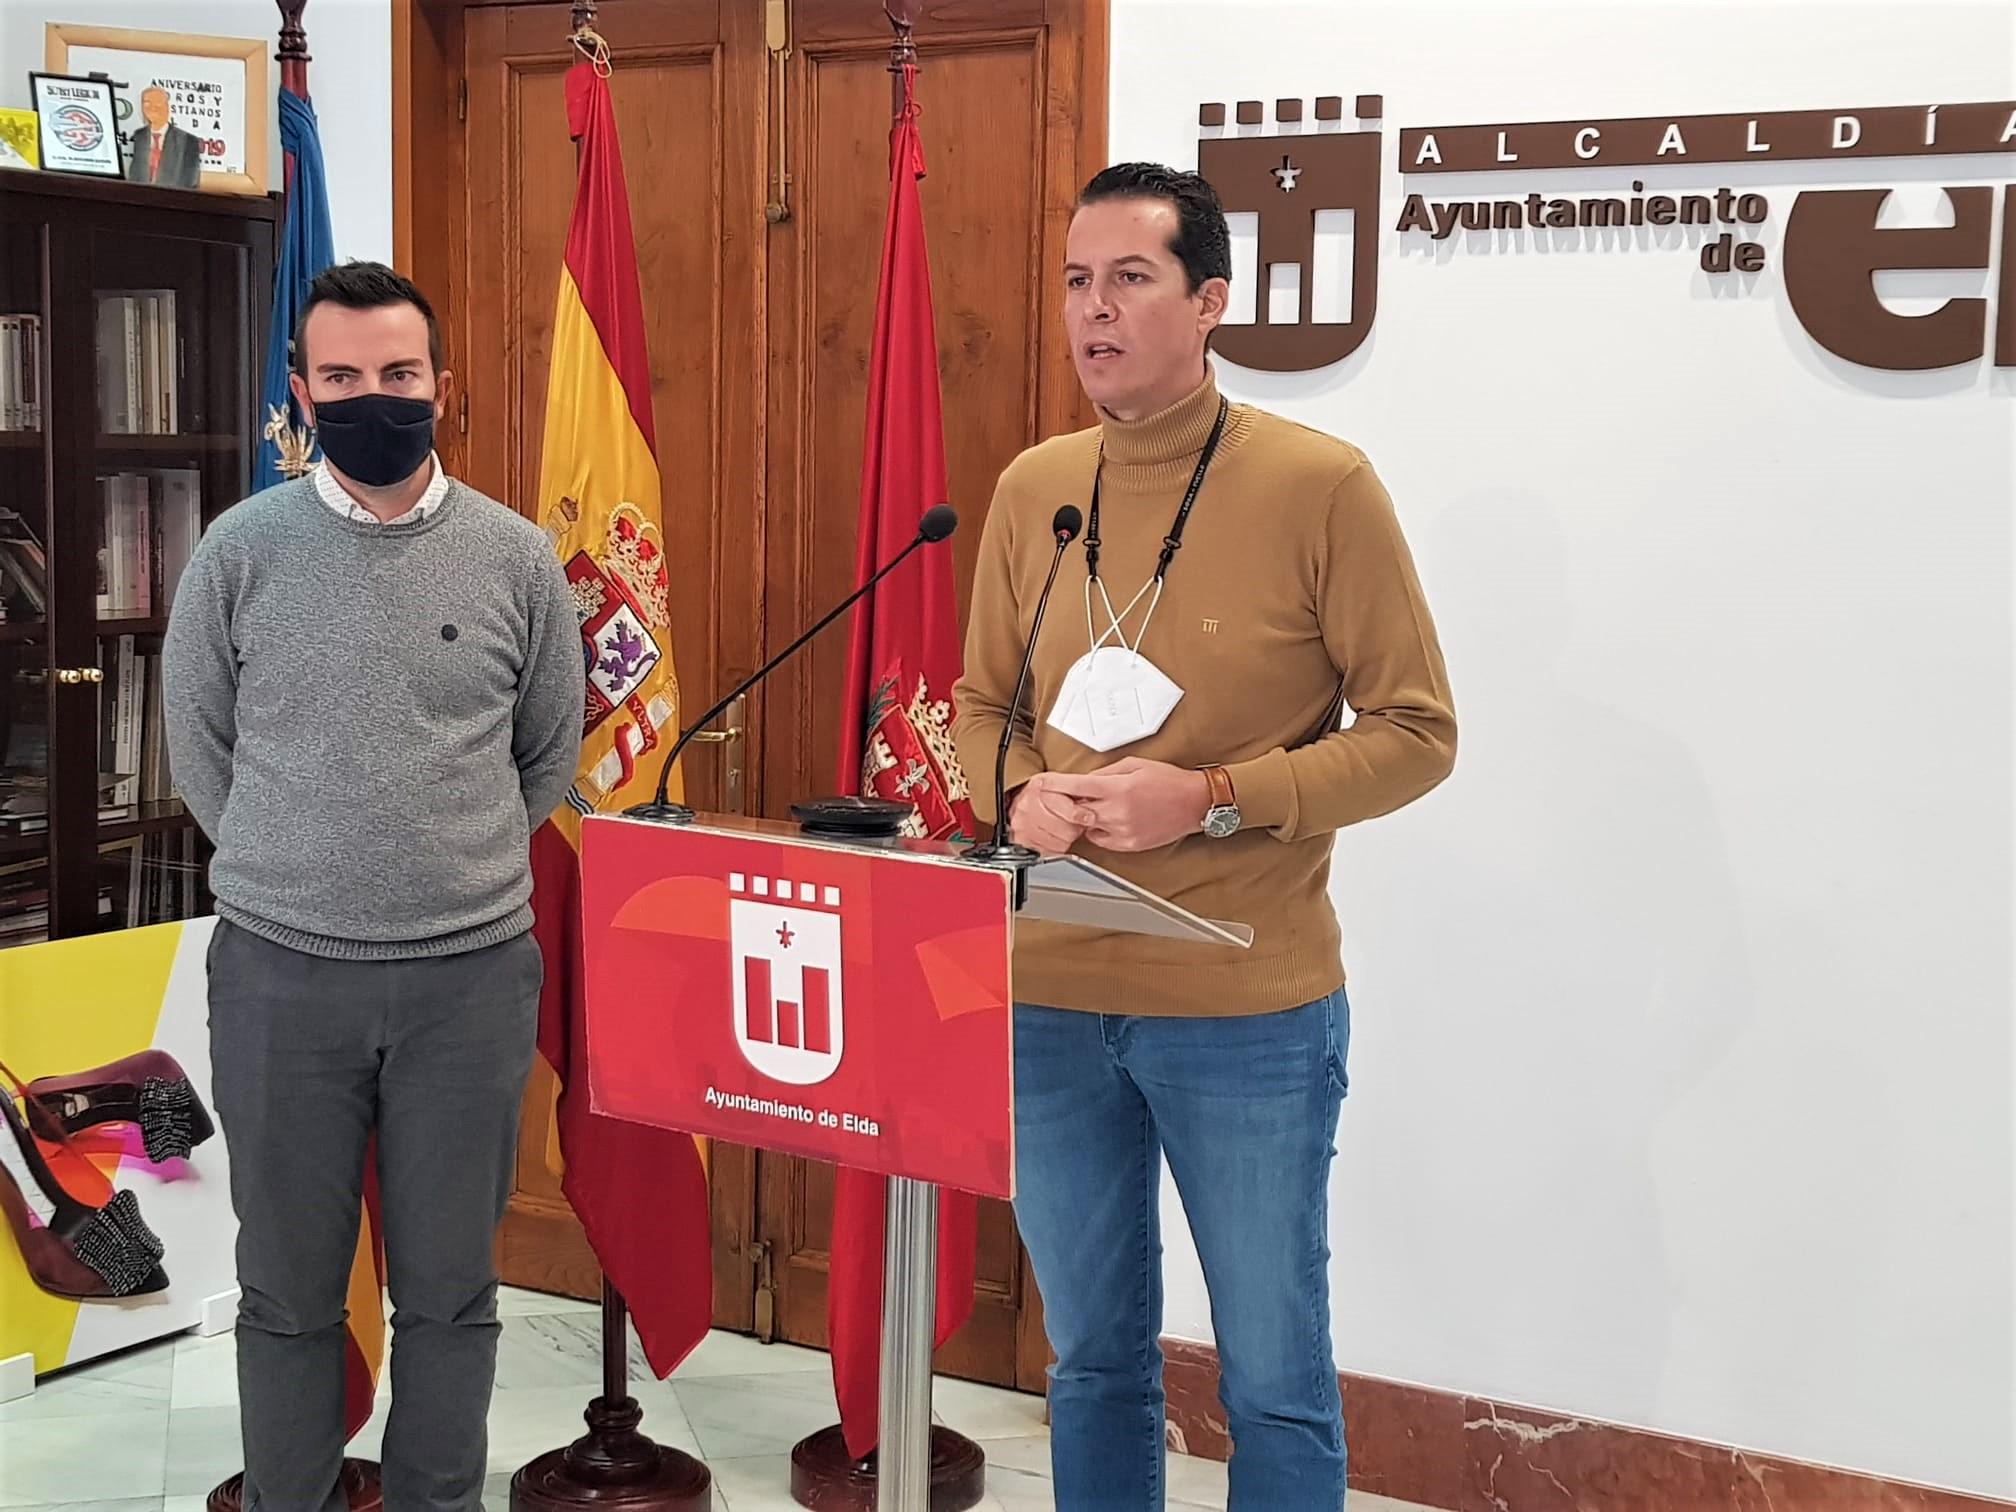 El Ayuntamiento de Elda adjudica las obras de remodelación del CEIP Juan Rico y Amat, de la Escuela Infantil El Puente y de la Escuela de Idiomas incluidas en el Plan Edificant